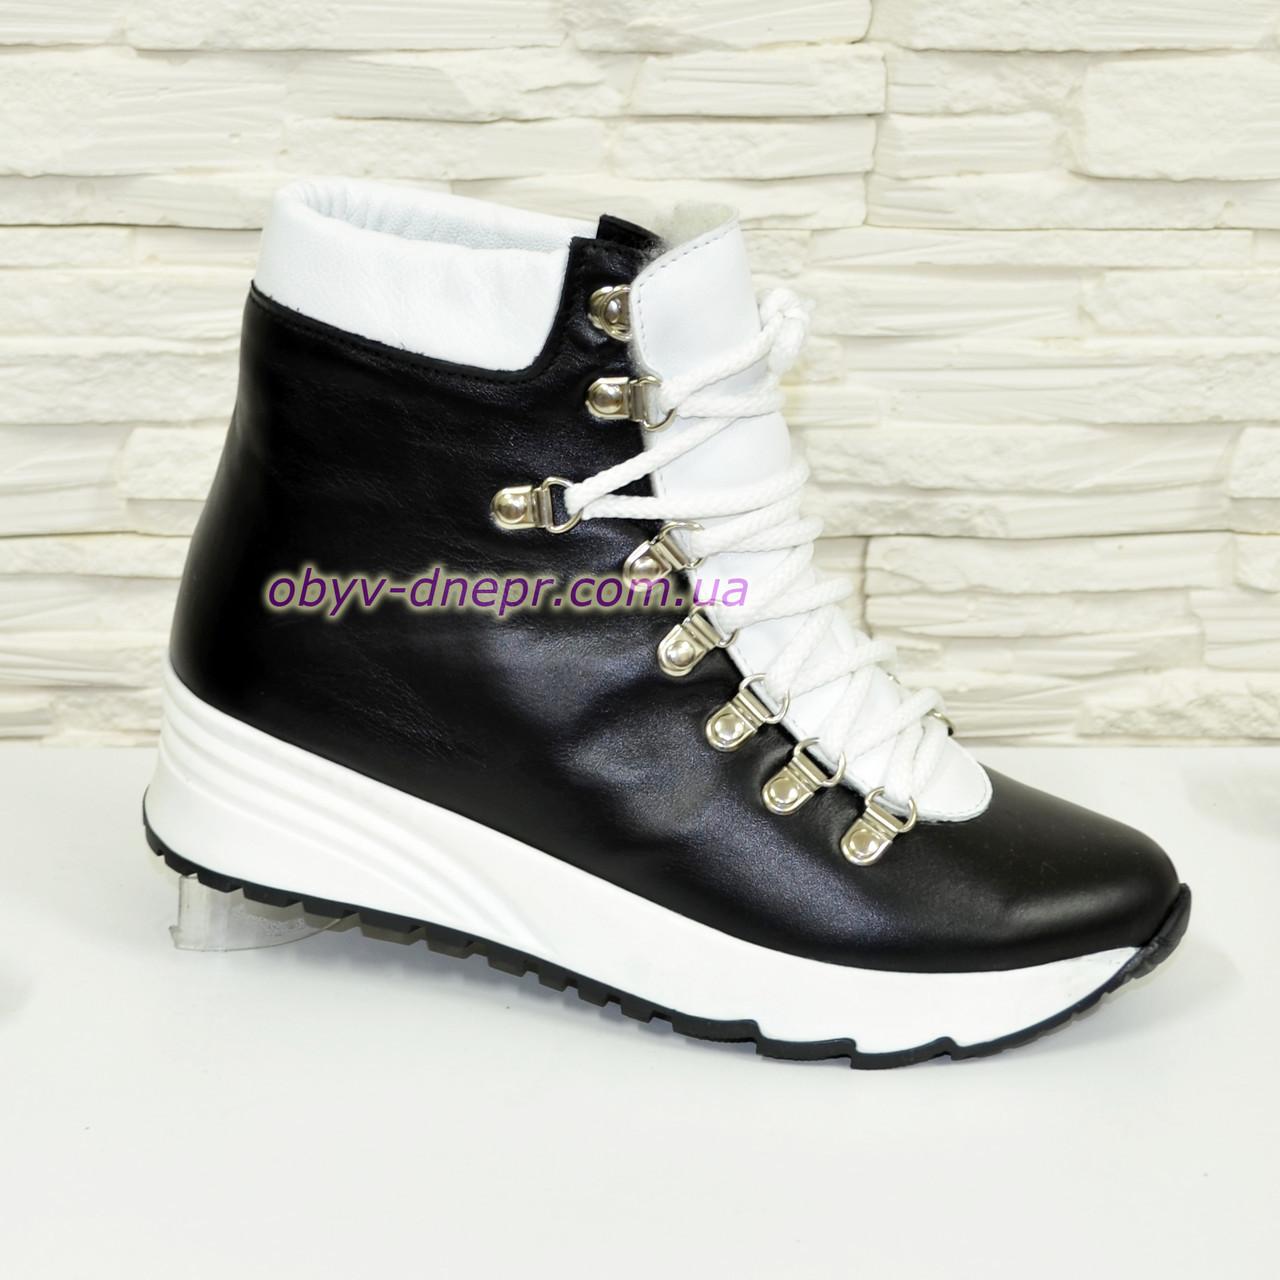 c0732fbe Ботинки женские кожаные зимние на шнуровке, цвет черный/белый ...